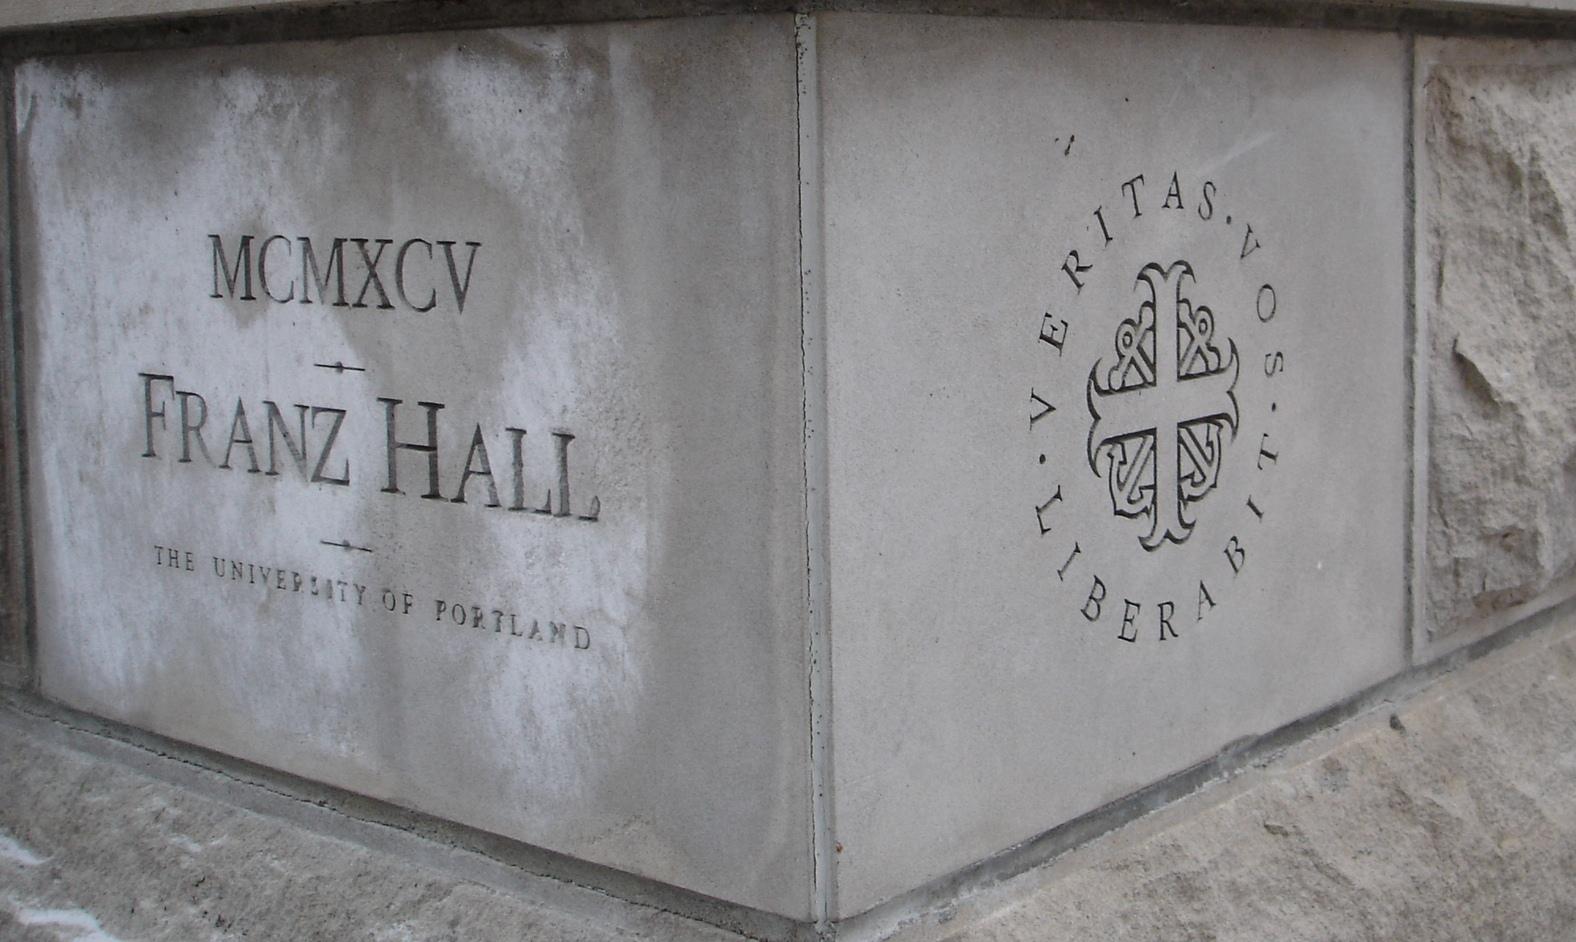 Franz Hall cornerstone, 1995